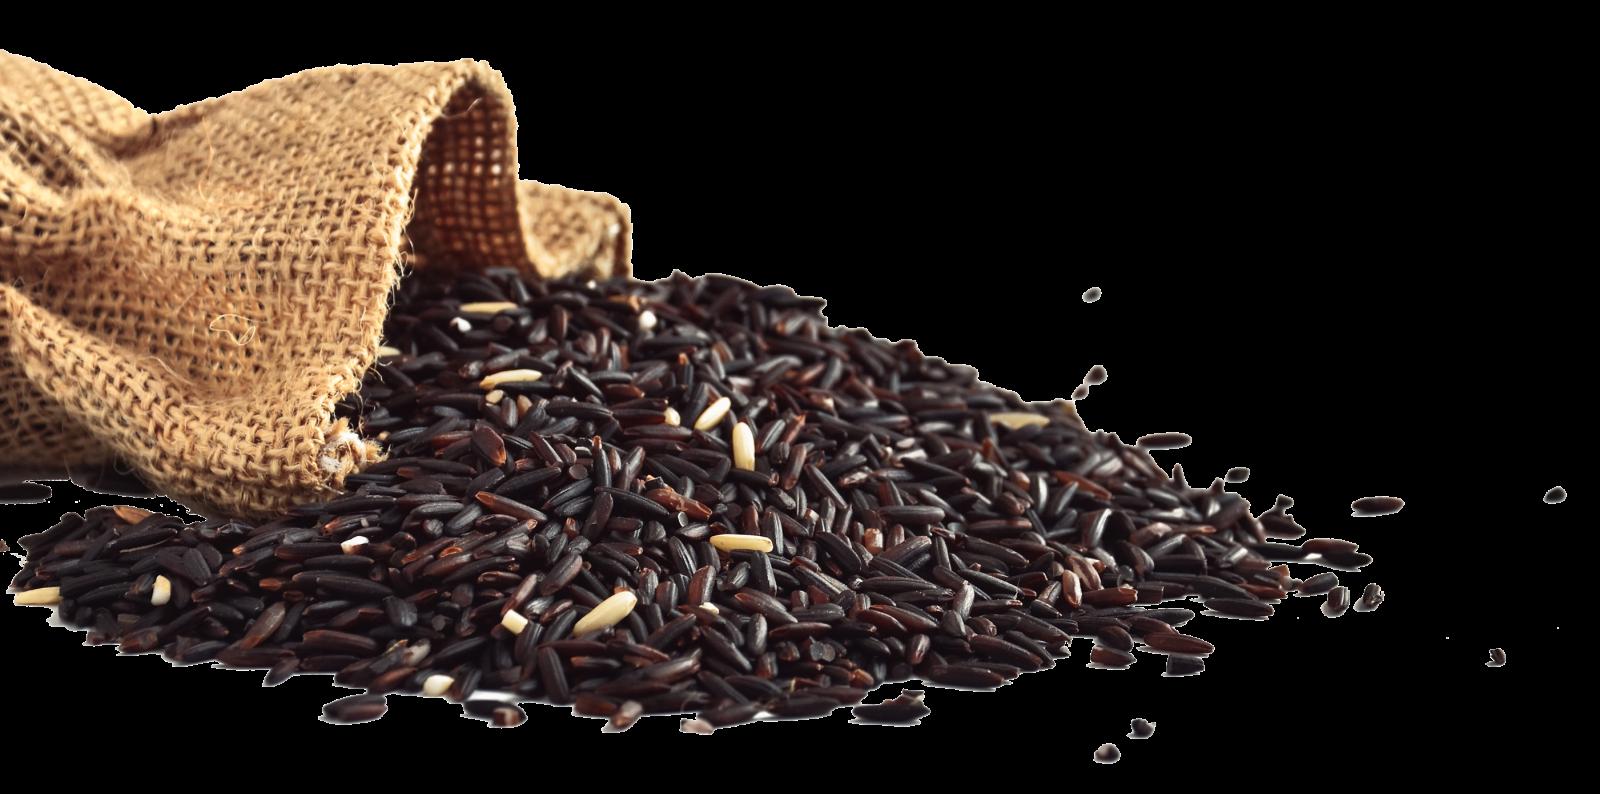 Cơm Độ Dưỡng Ms.Slim là sản phẩm kết tinh từ công nghệ hiện đại và bí quyết truyền thống của Việt Nam và Nhật Bản. Nghiên cứu và phát triển bởi Tiến sỹ Hiroki Kotabe (Đại học Chicago), trên nền tảng Gạo lứt tím được lai tạo bởi tiến sỹ Hồ Quang Cua- cha đẻ của loại gạo ngon nhất thế giới 2019.